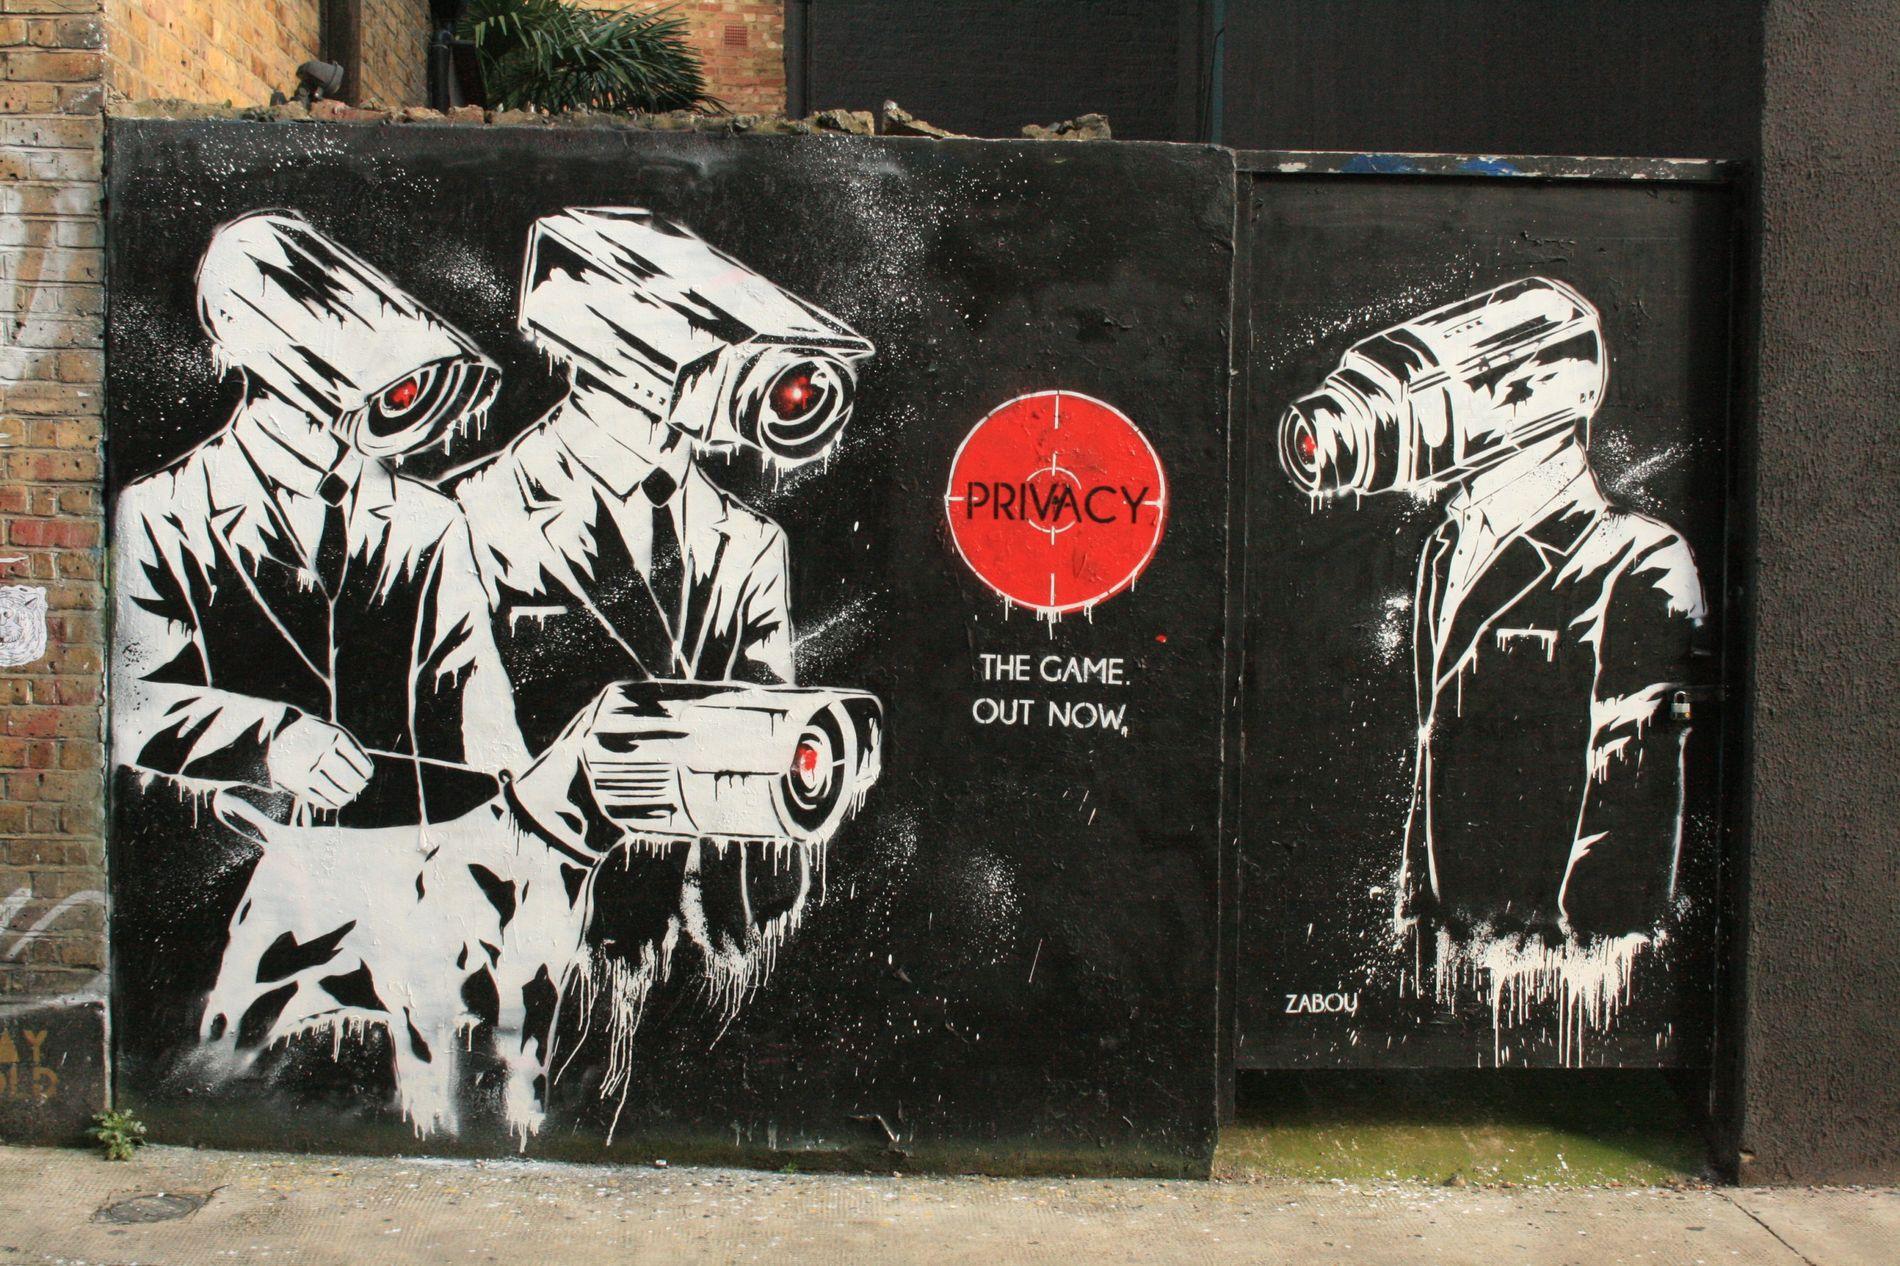 Street art dans le quartier de Shoreditch, à Londres, dénonçant la vidéo-surveillance.